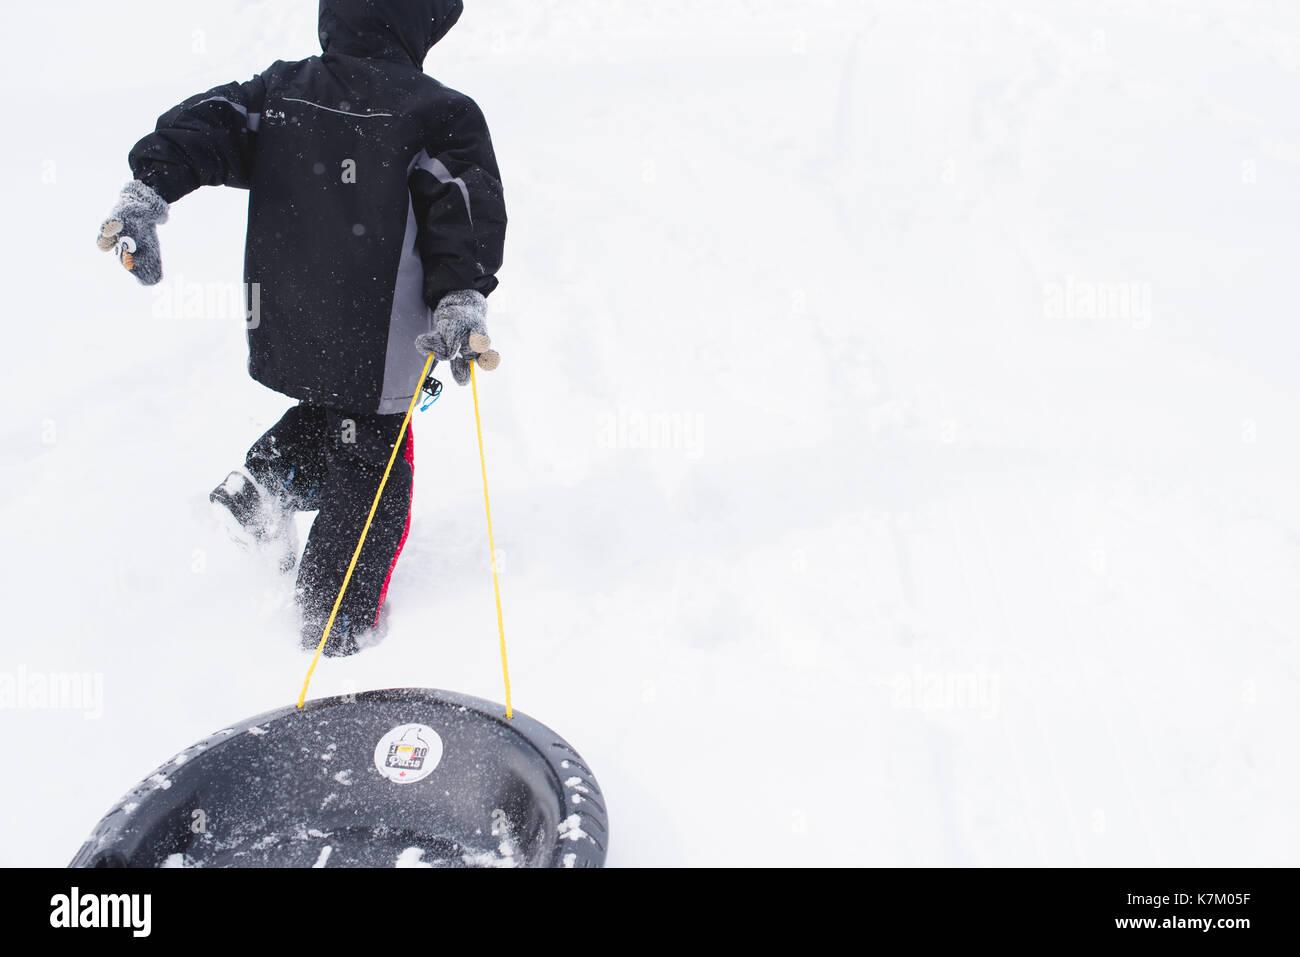 Ragazzo giovane tirando una slitta di una coperta di neve hill in inverno. Immagini Stock